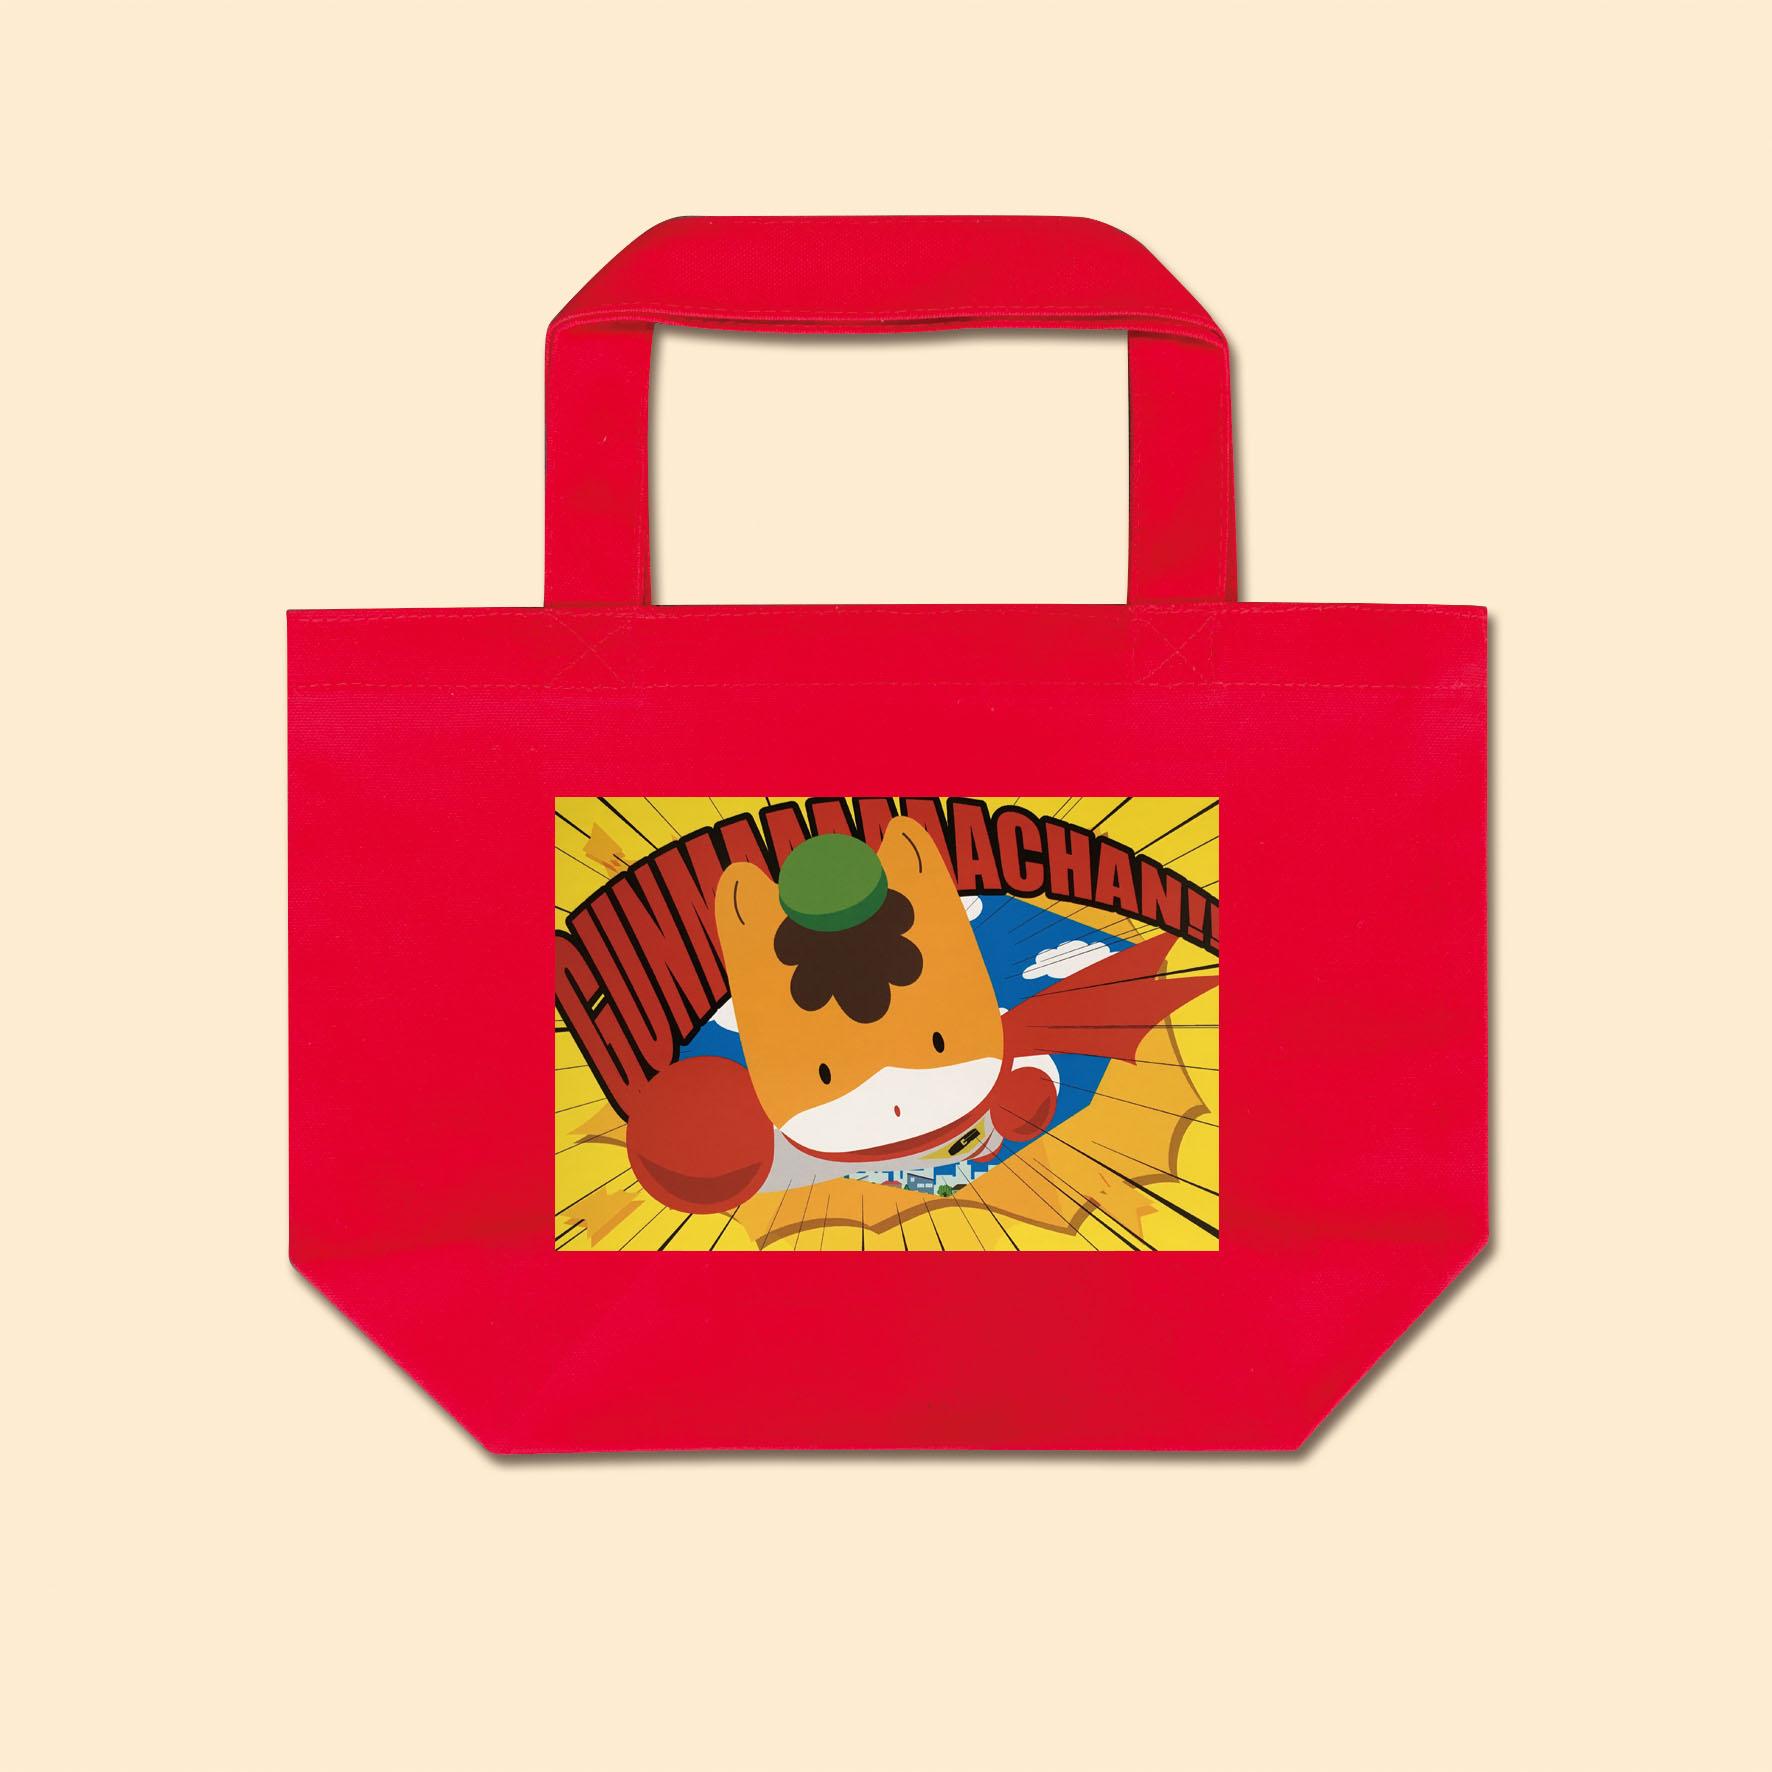 【お買い物に♪】ぐんまちゃんトートバッグ(ヒーロー)Sサイズ